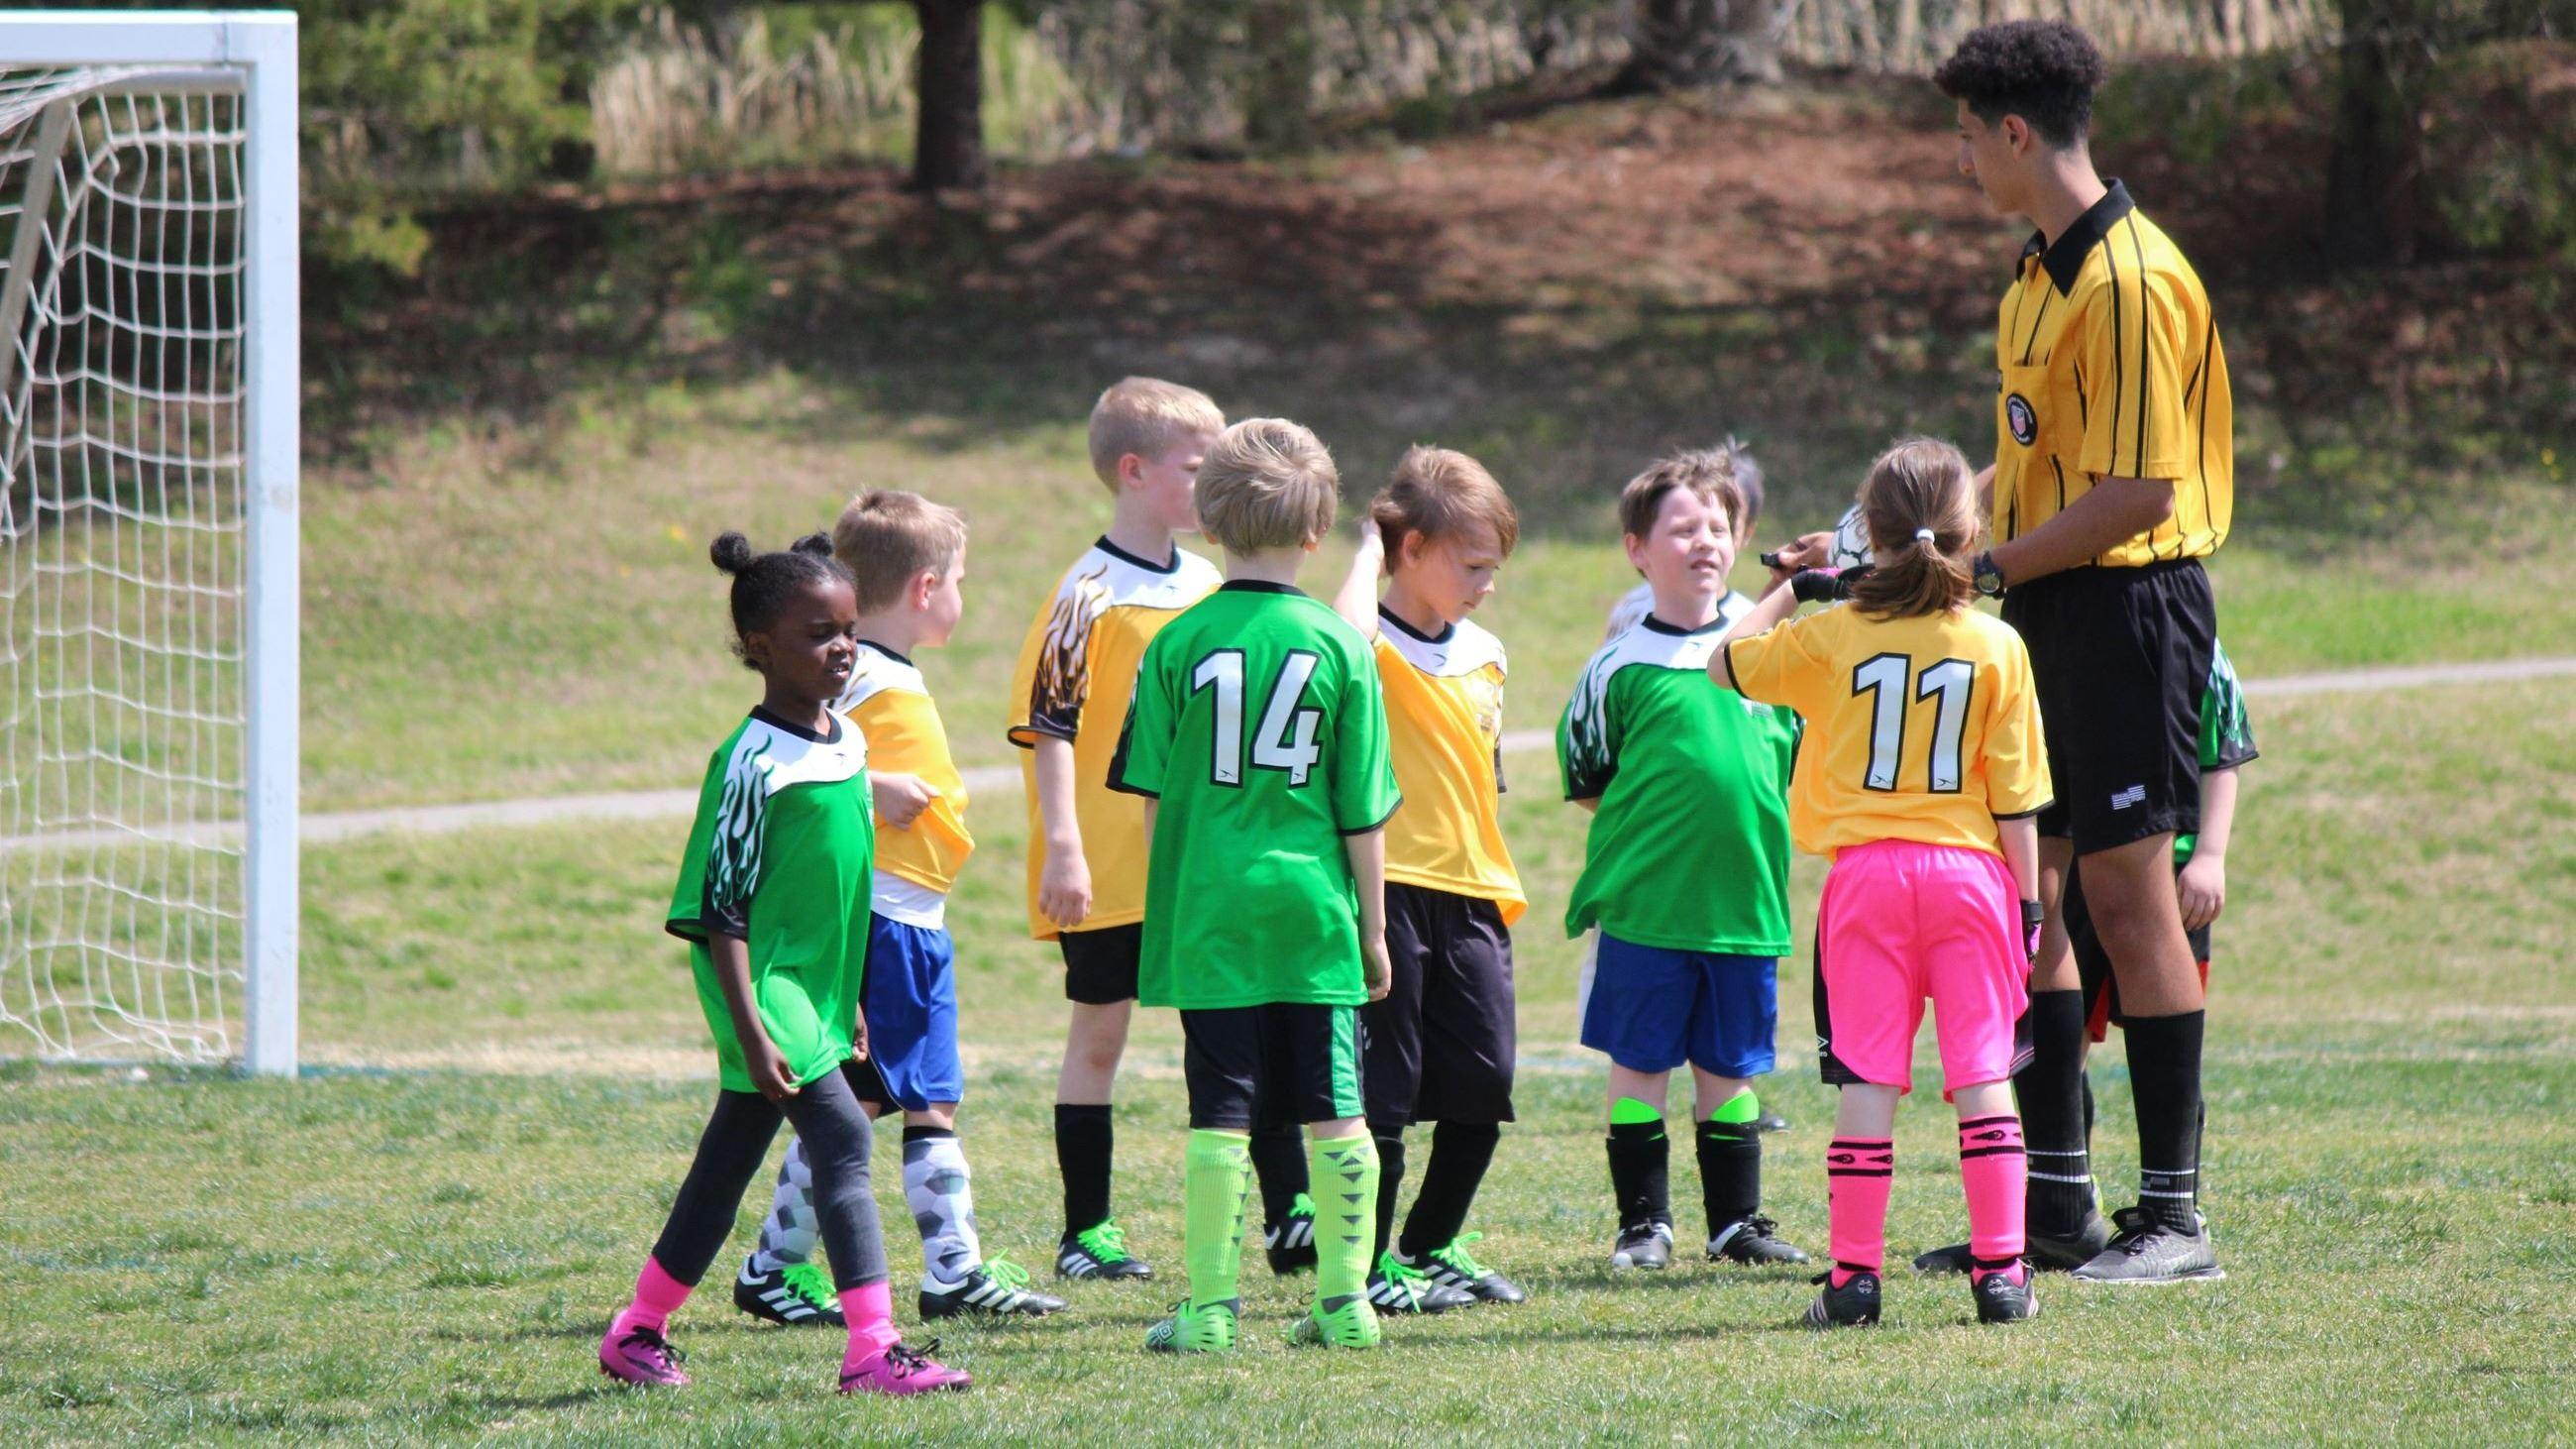 Youth Soccer | York County, VA